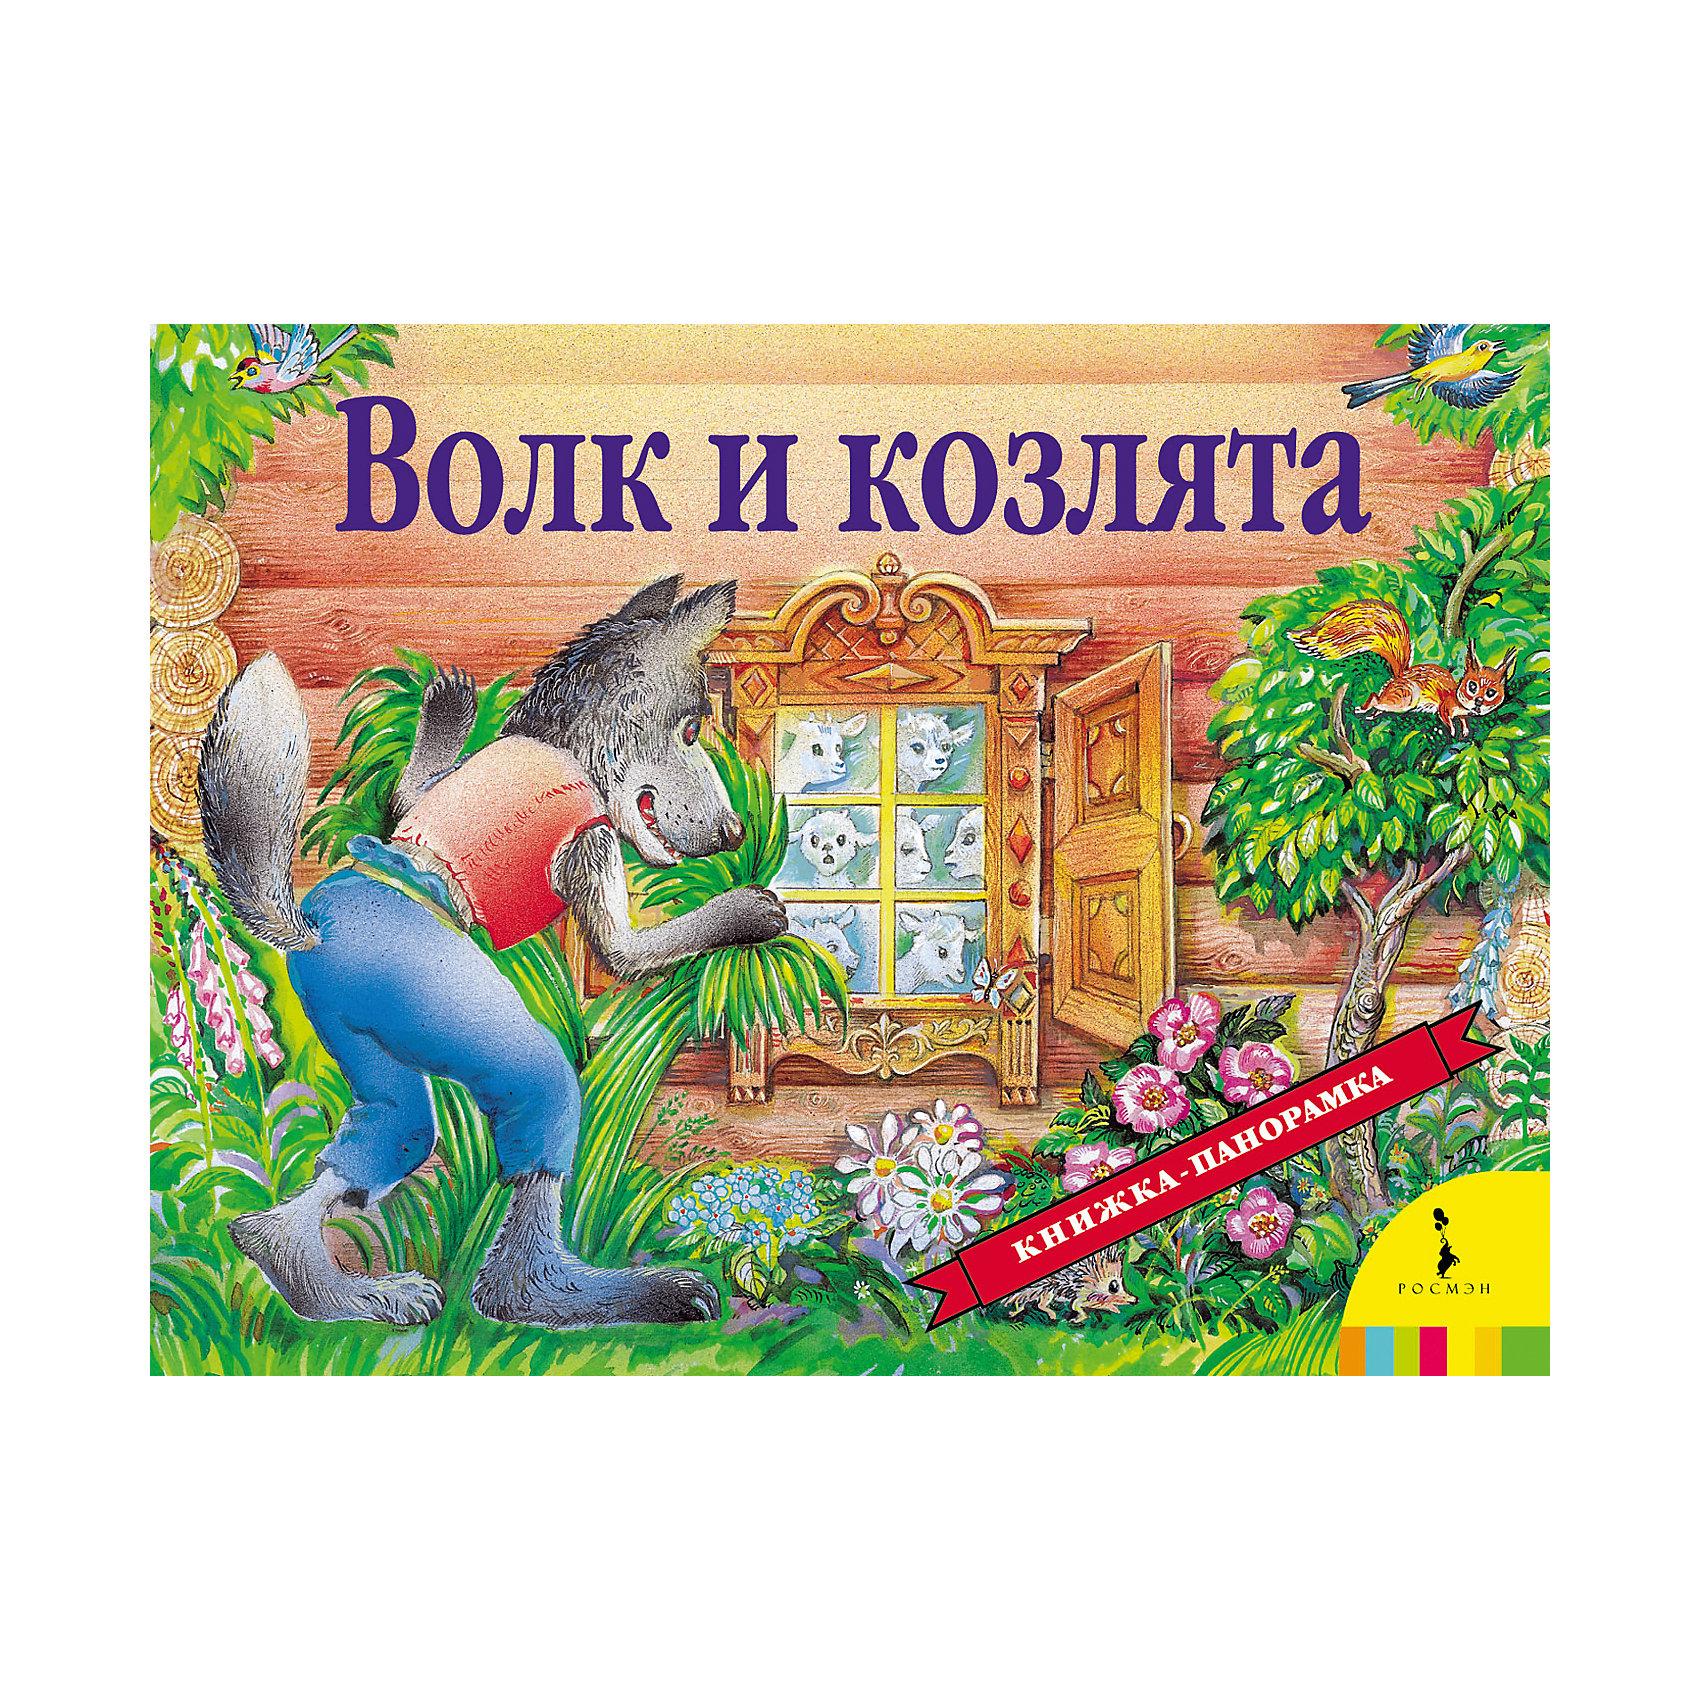 Росмэн Панорамная книжка Волк и козлята росмэн панорамная книжка спящая красавица